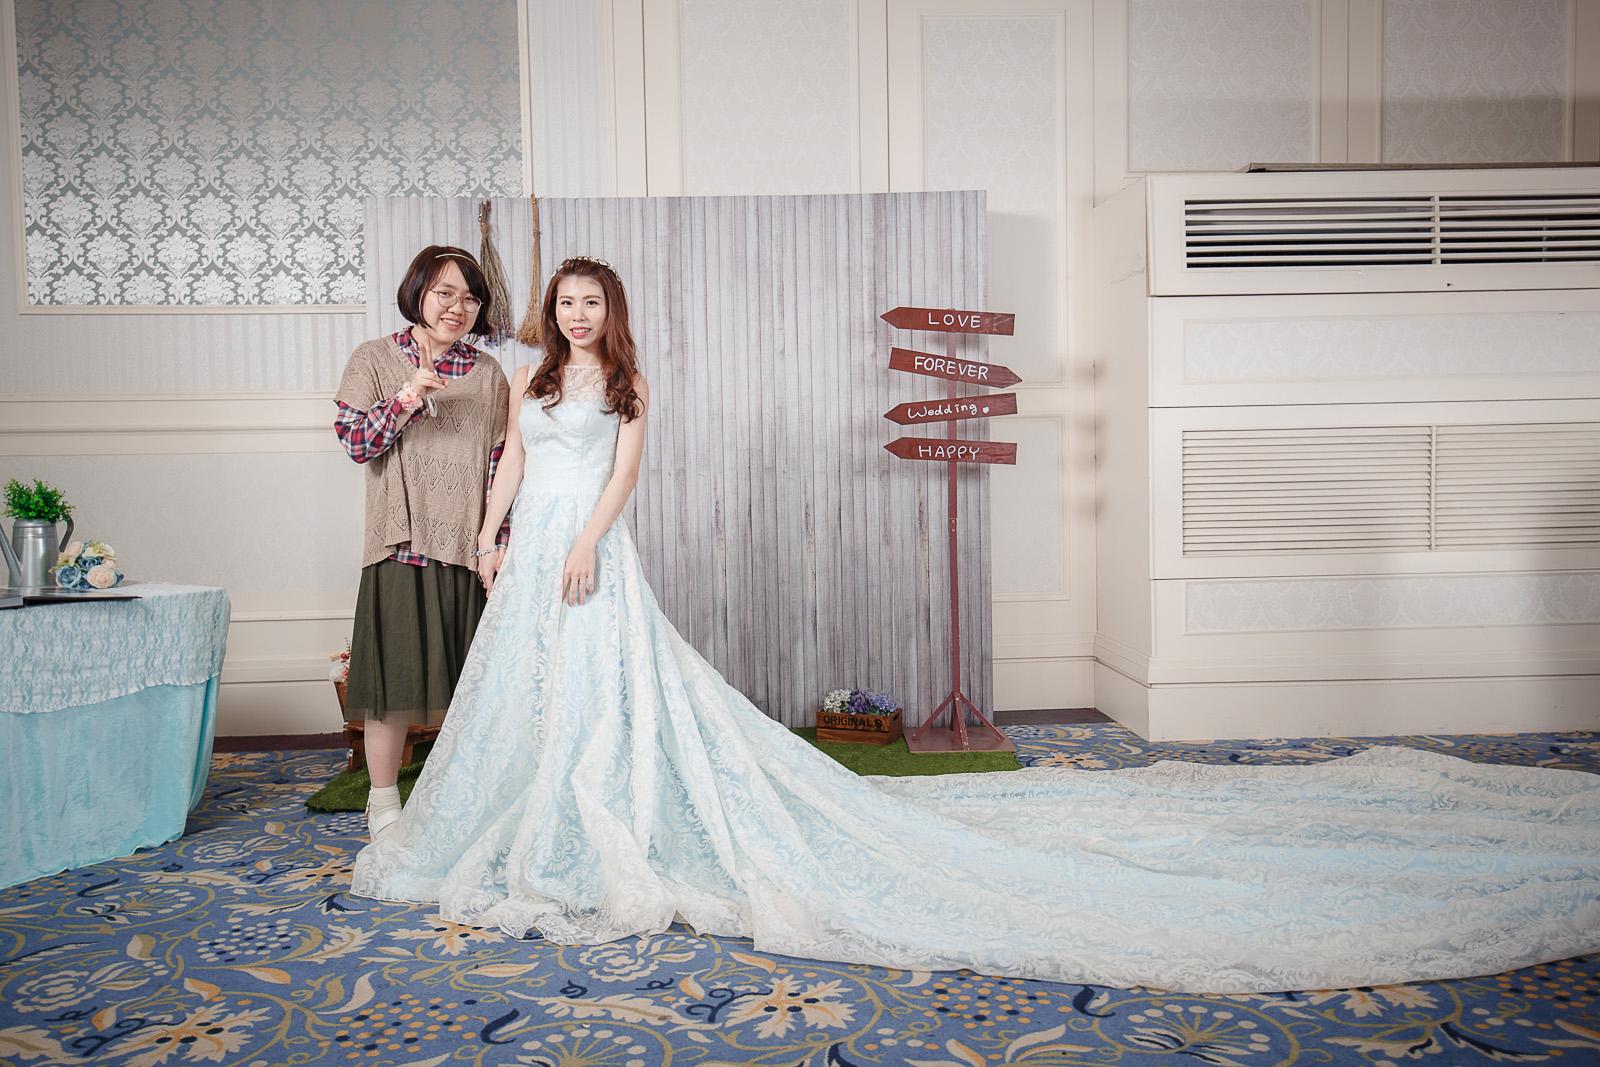 高雄圓山飯店,婚禮攝影,婚攝,高雄婚攝,優質婚攝推薦,Jen&Ethan-342